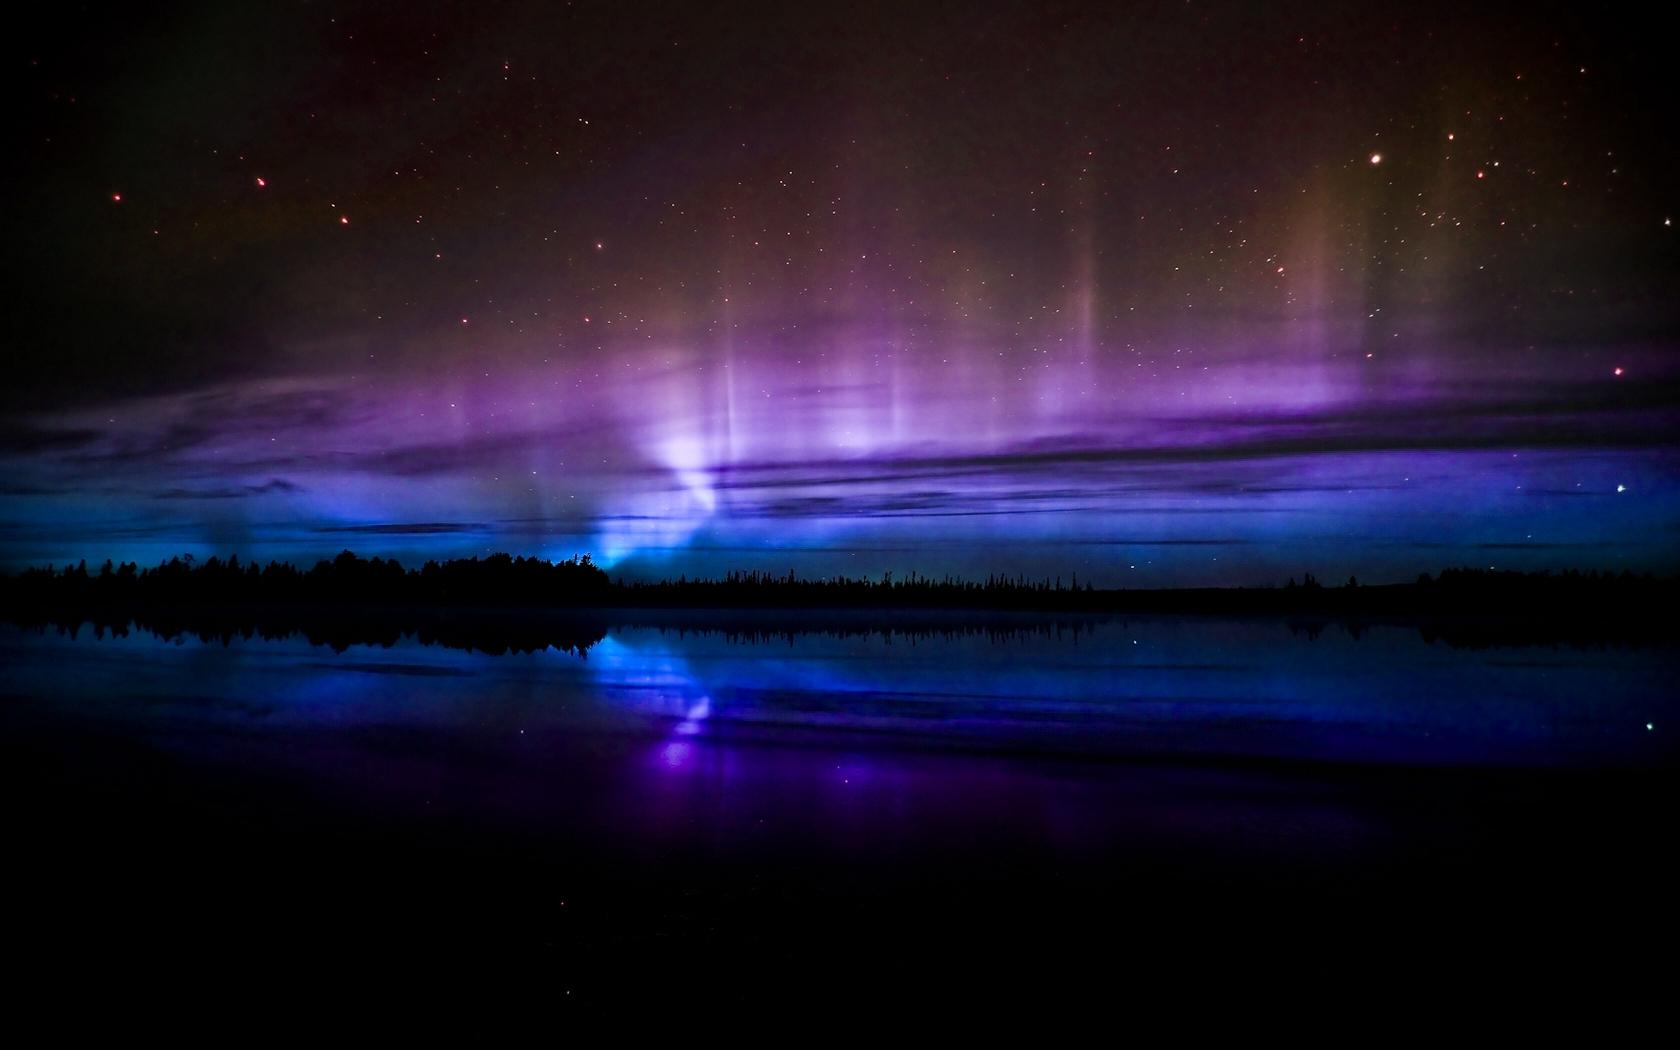 blue purple sky desktop wallpaper - photo #6